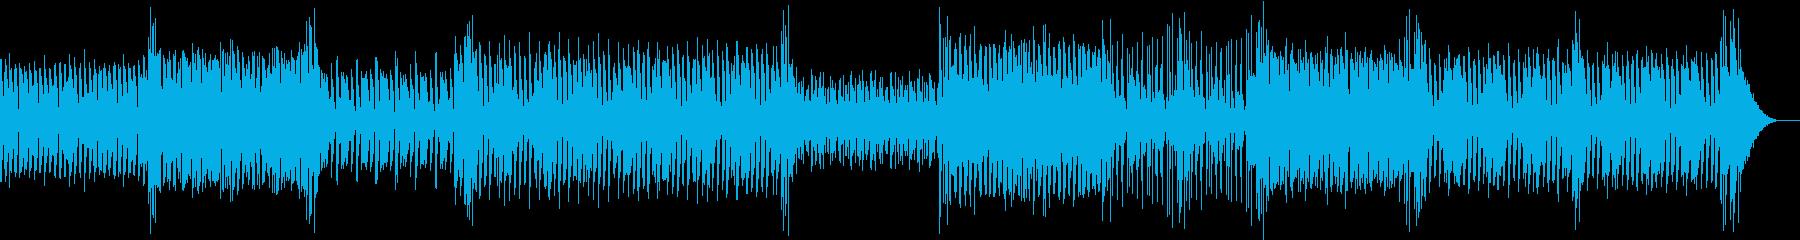 70年代的ディスコ曲の再生済みの波形